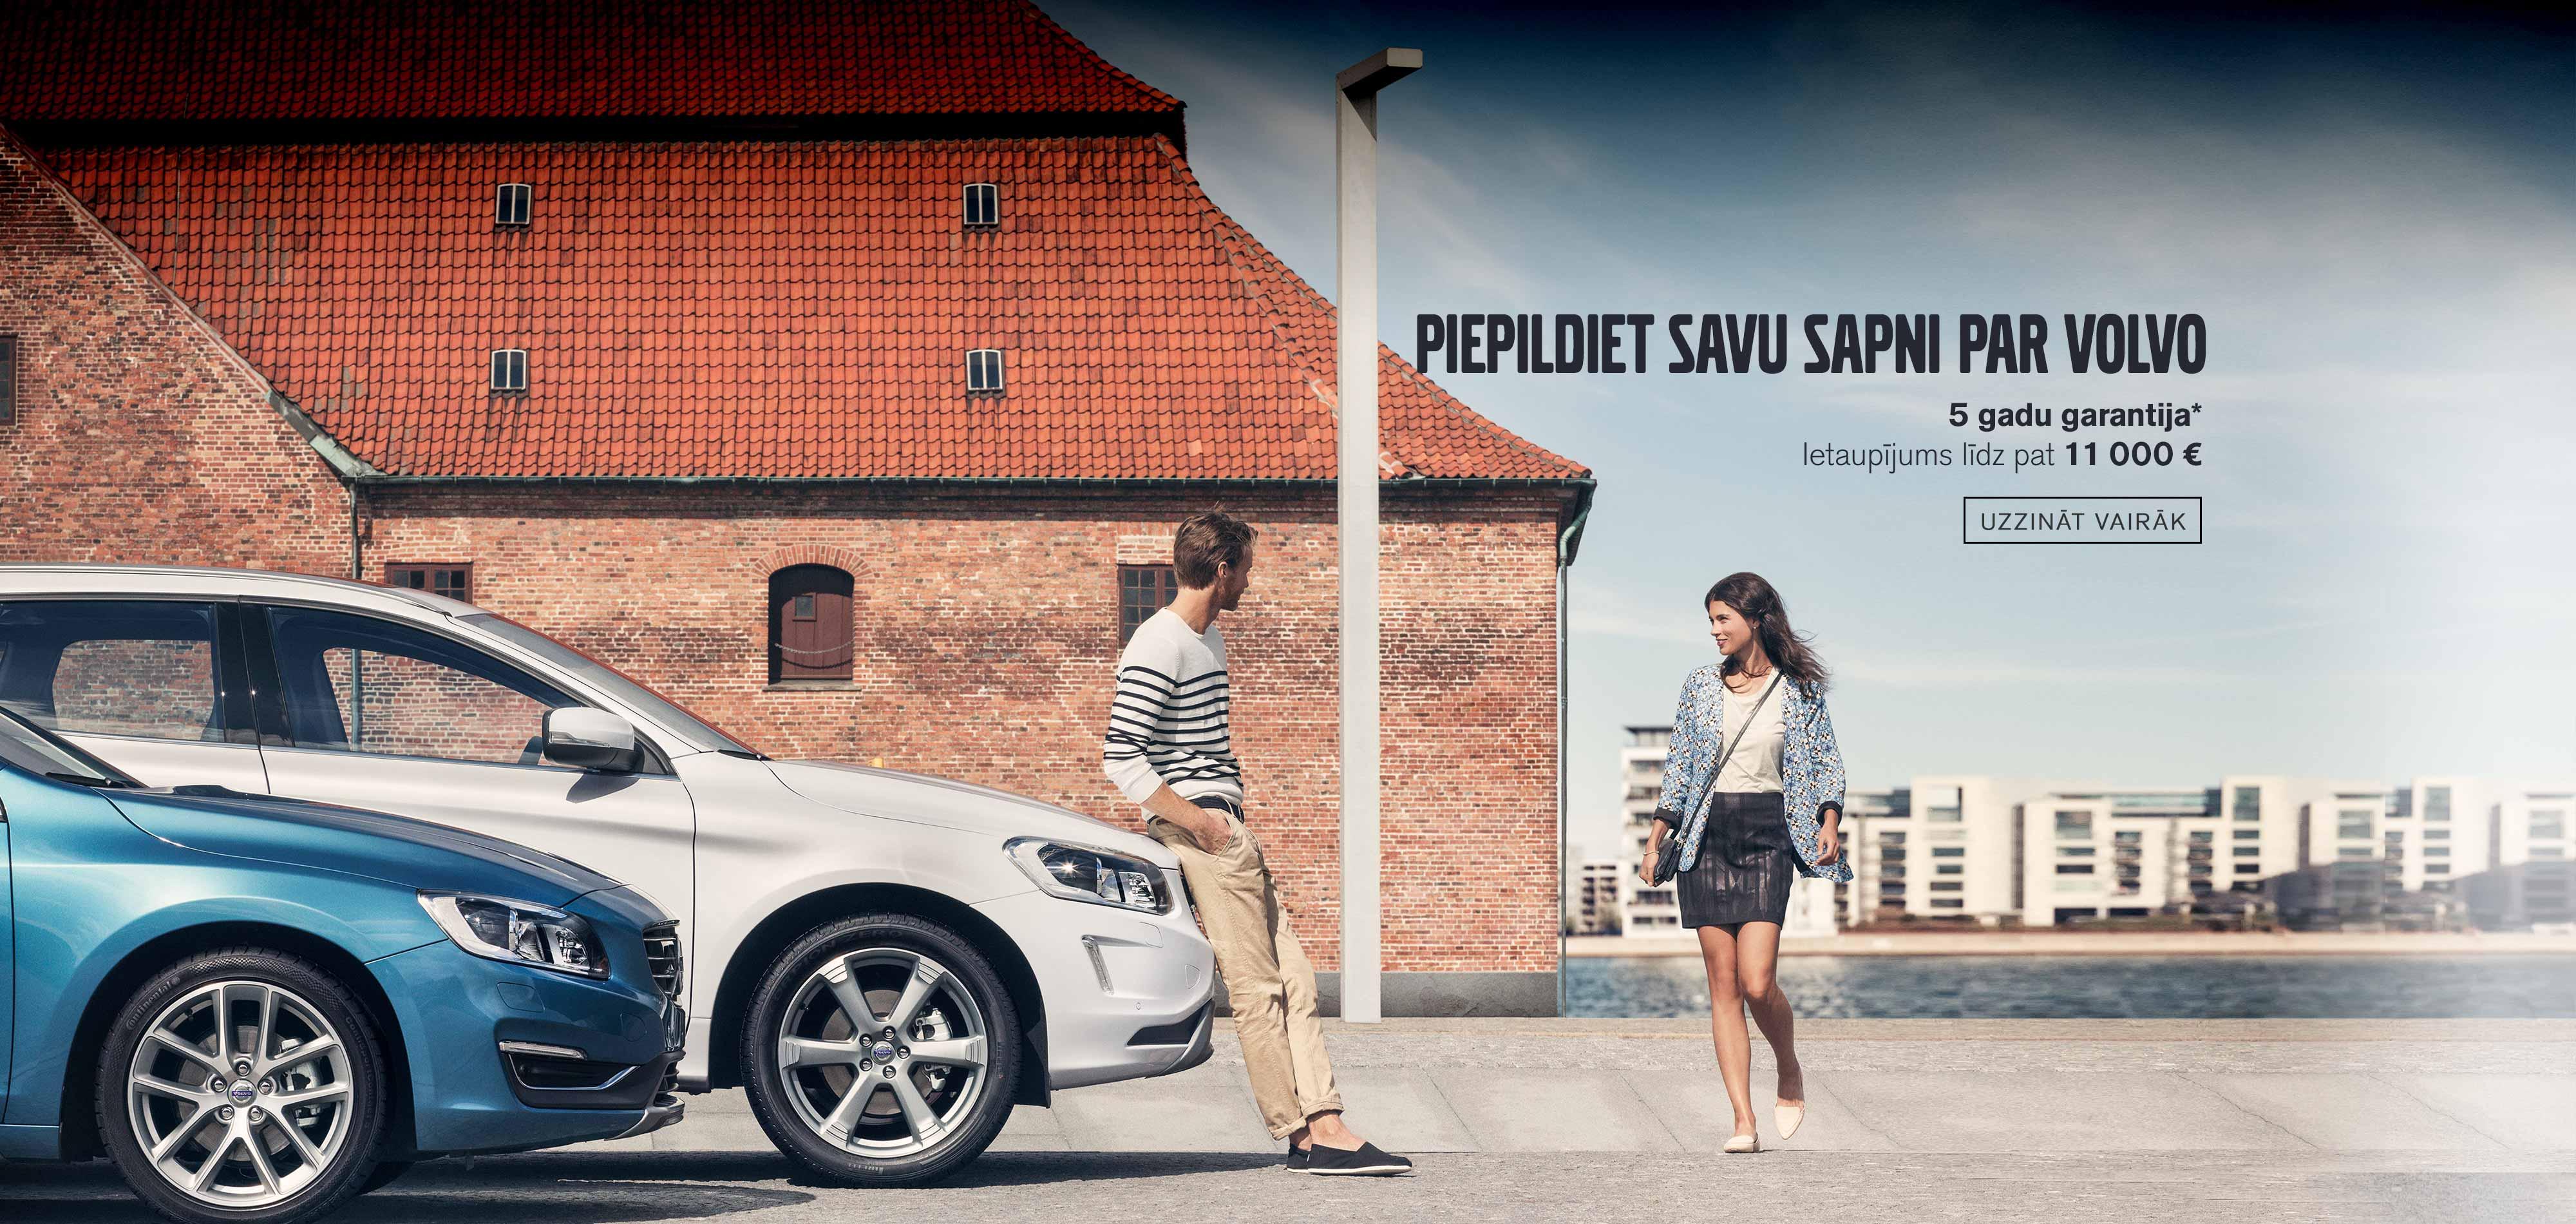 Piepildiet savu sapni par Volvo!